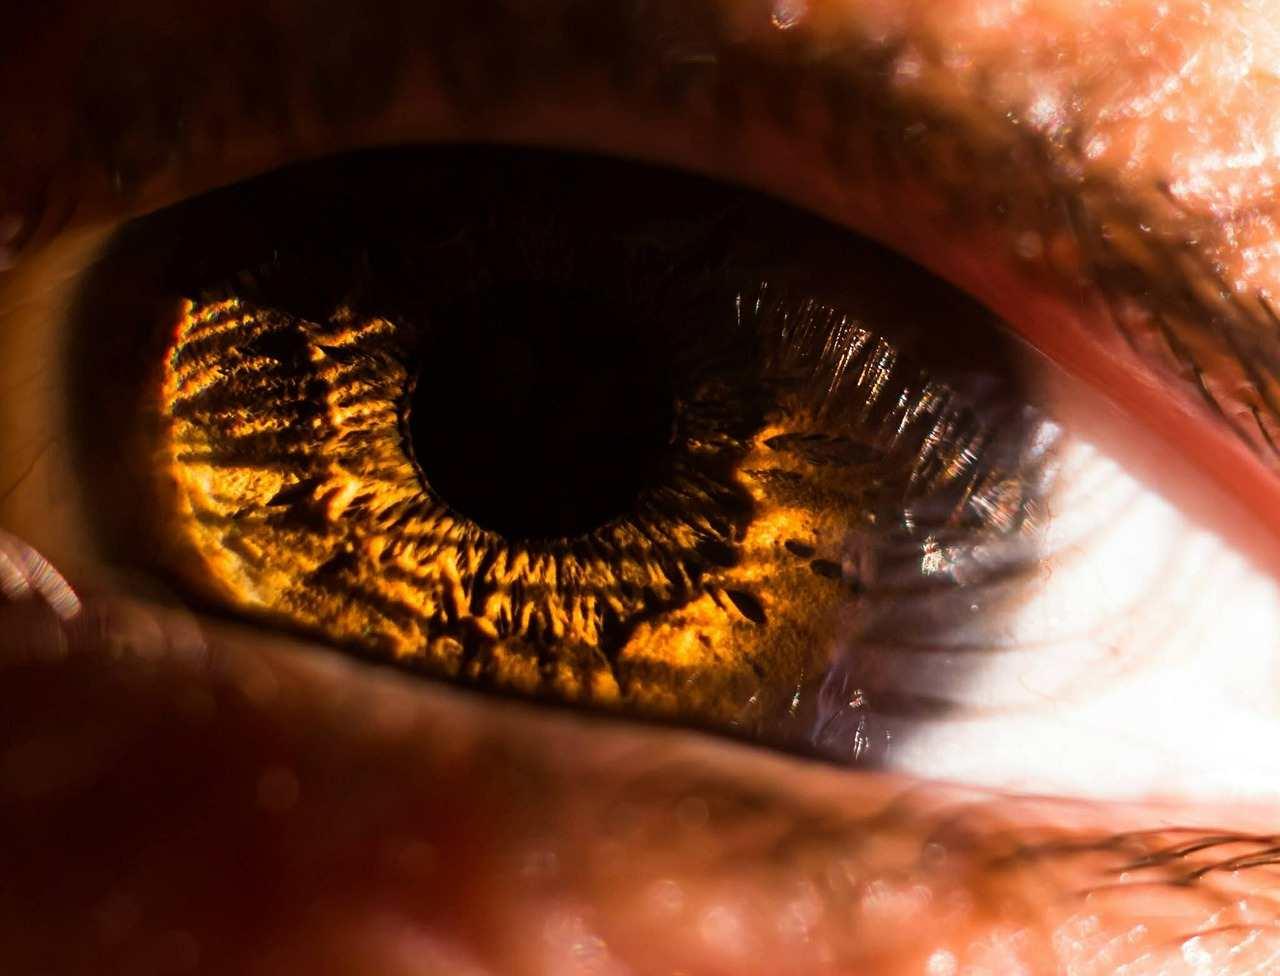 barna szem napfenyben makro.jpg